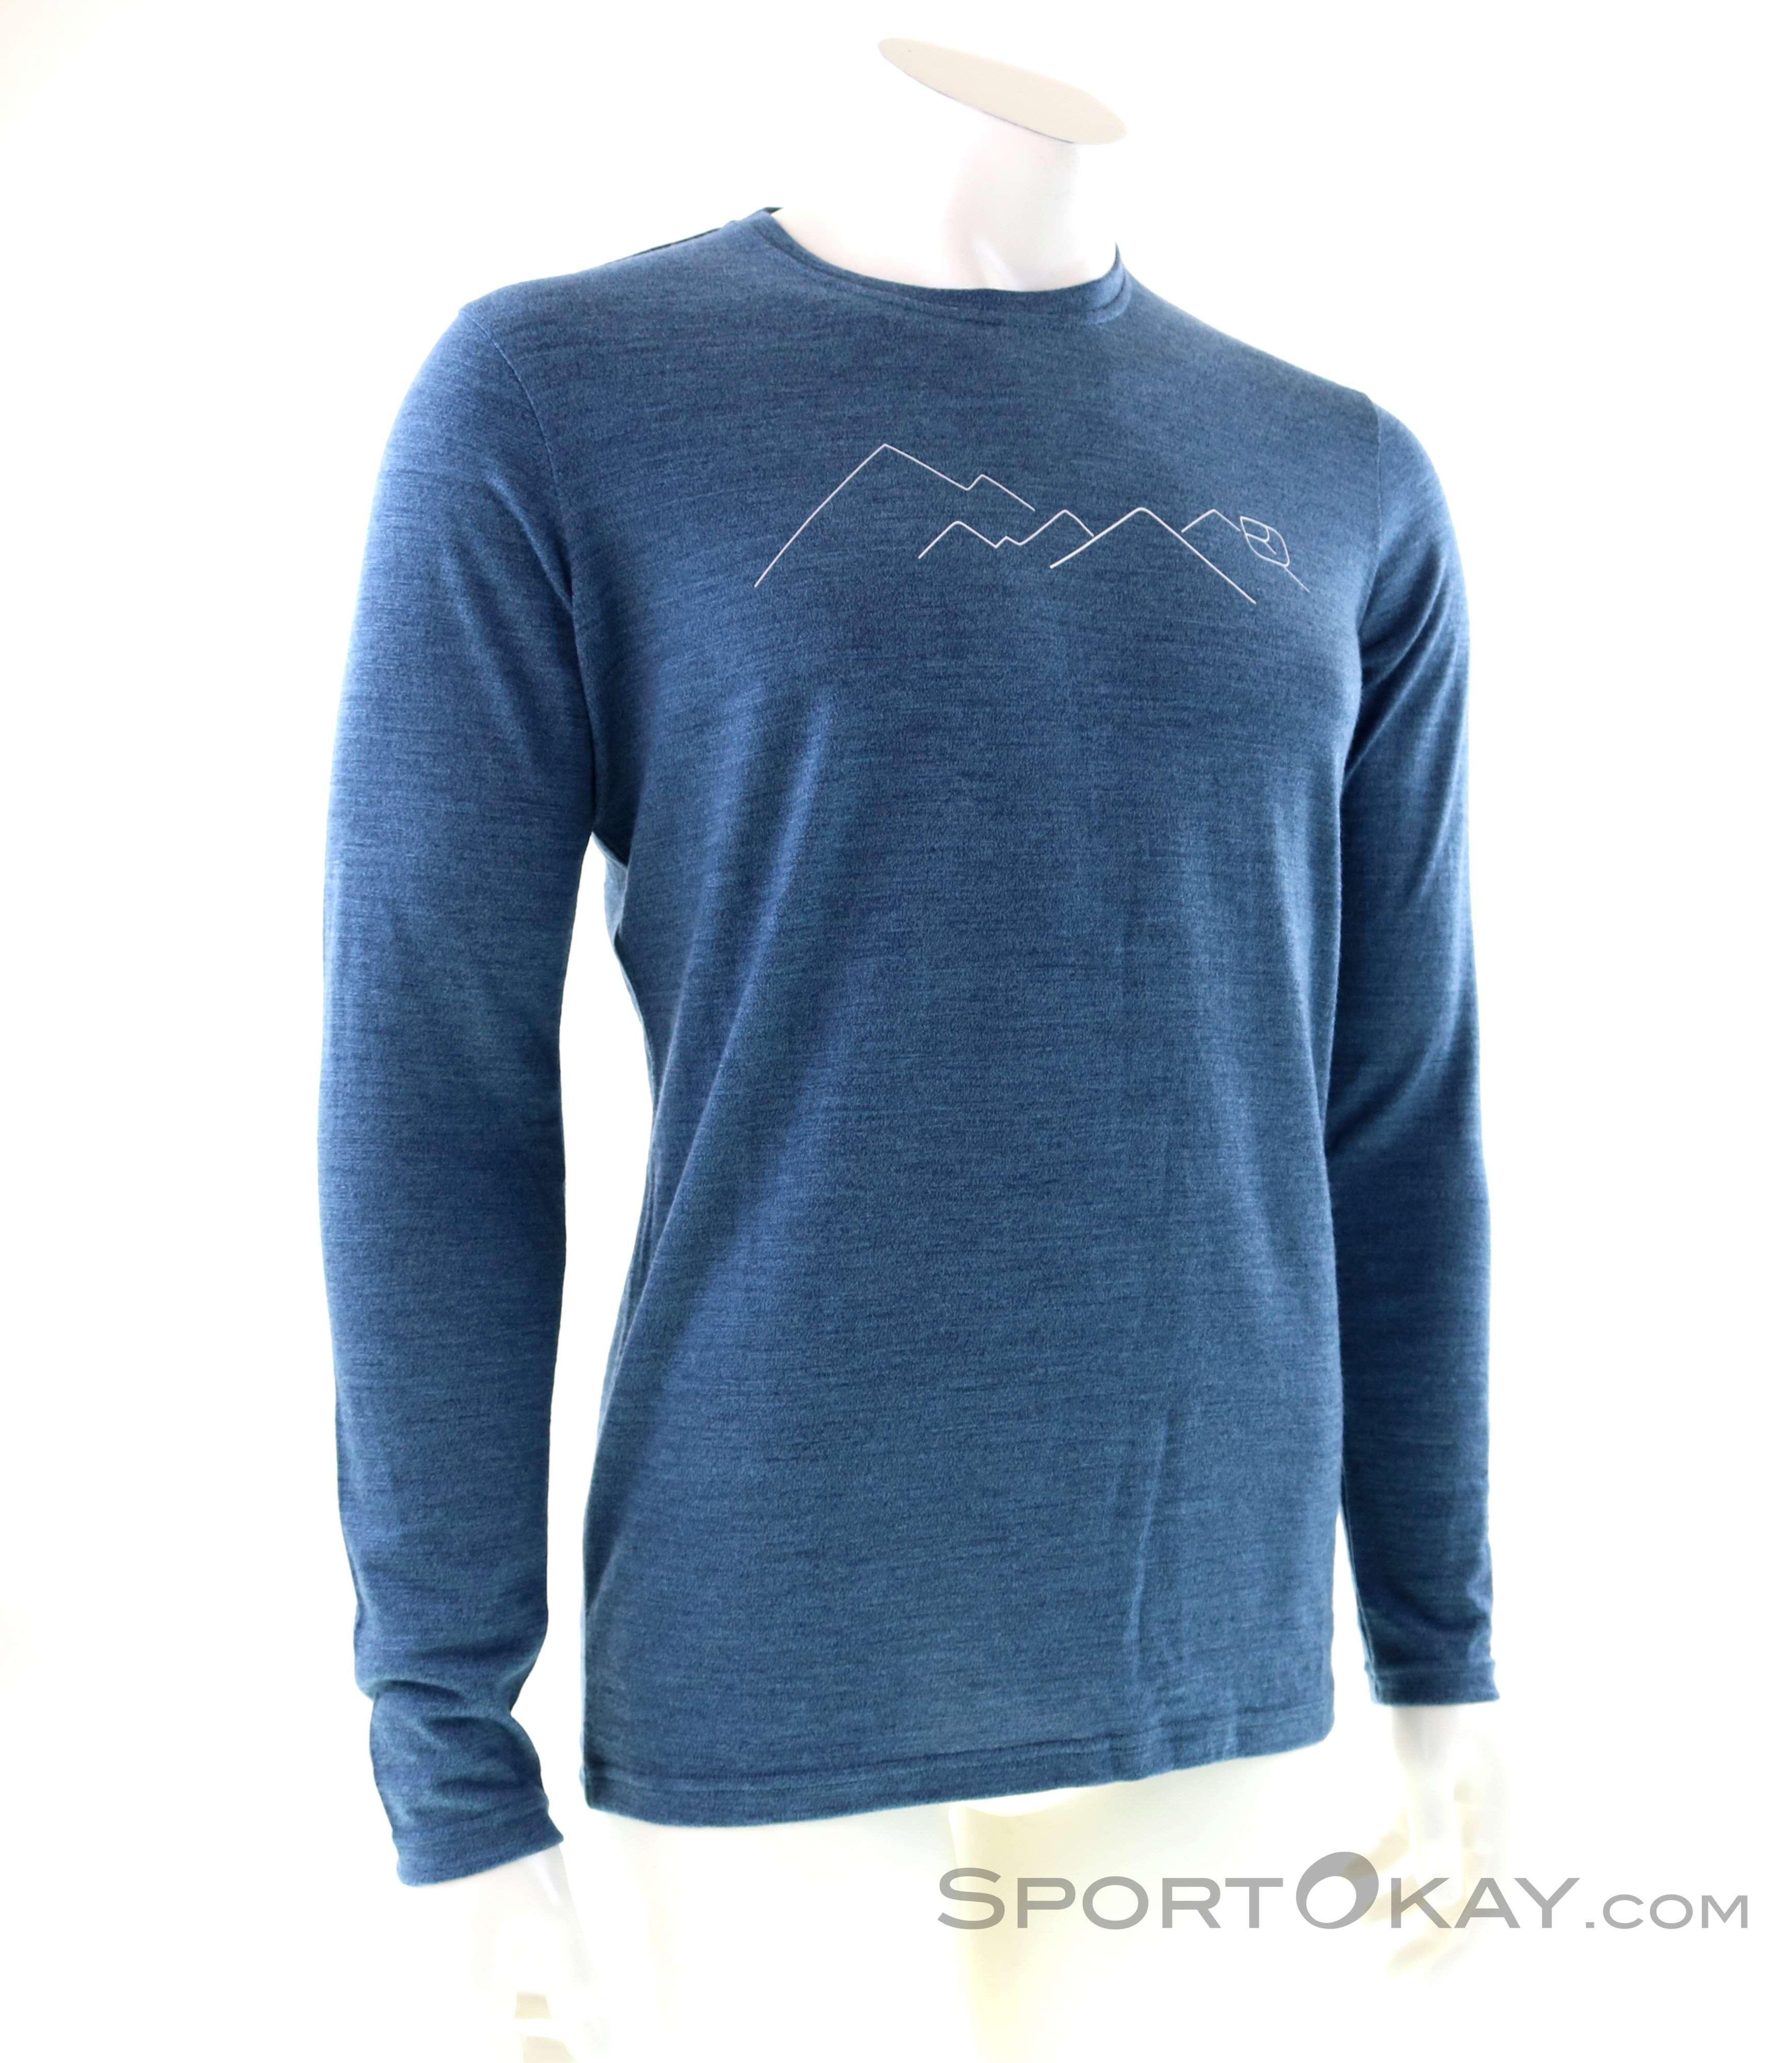 Ortovox LS merino T-shirt 2xl man